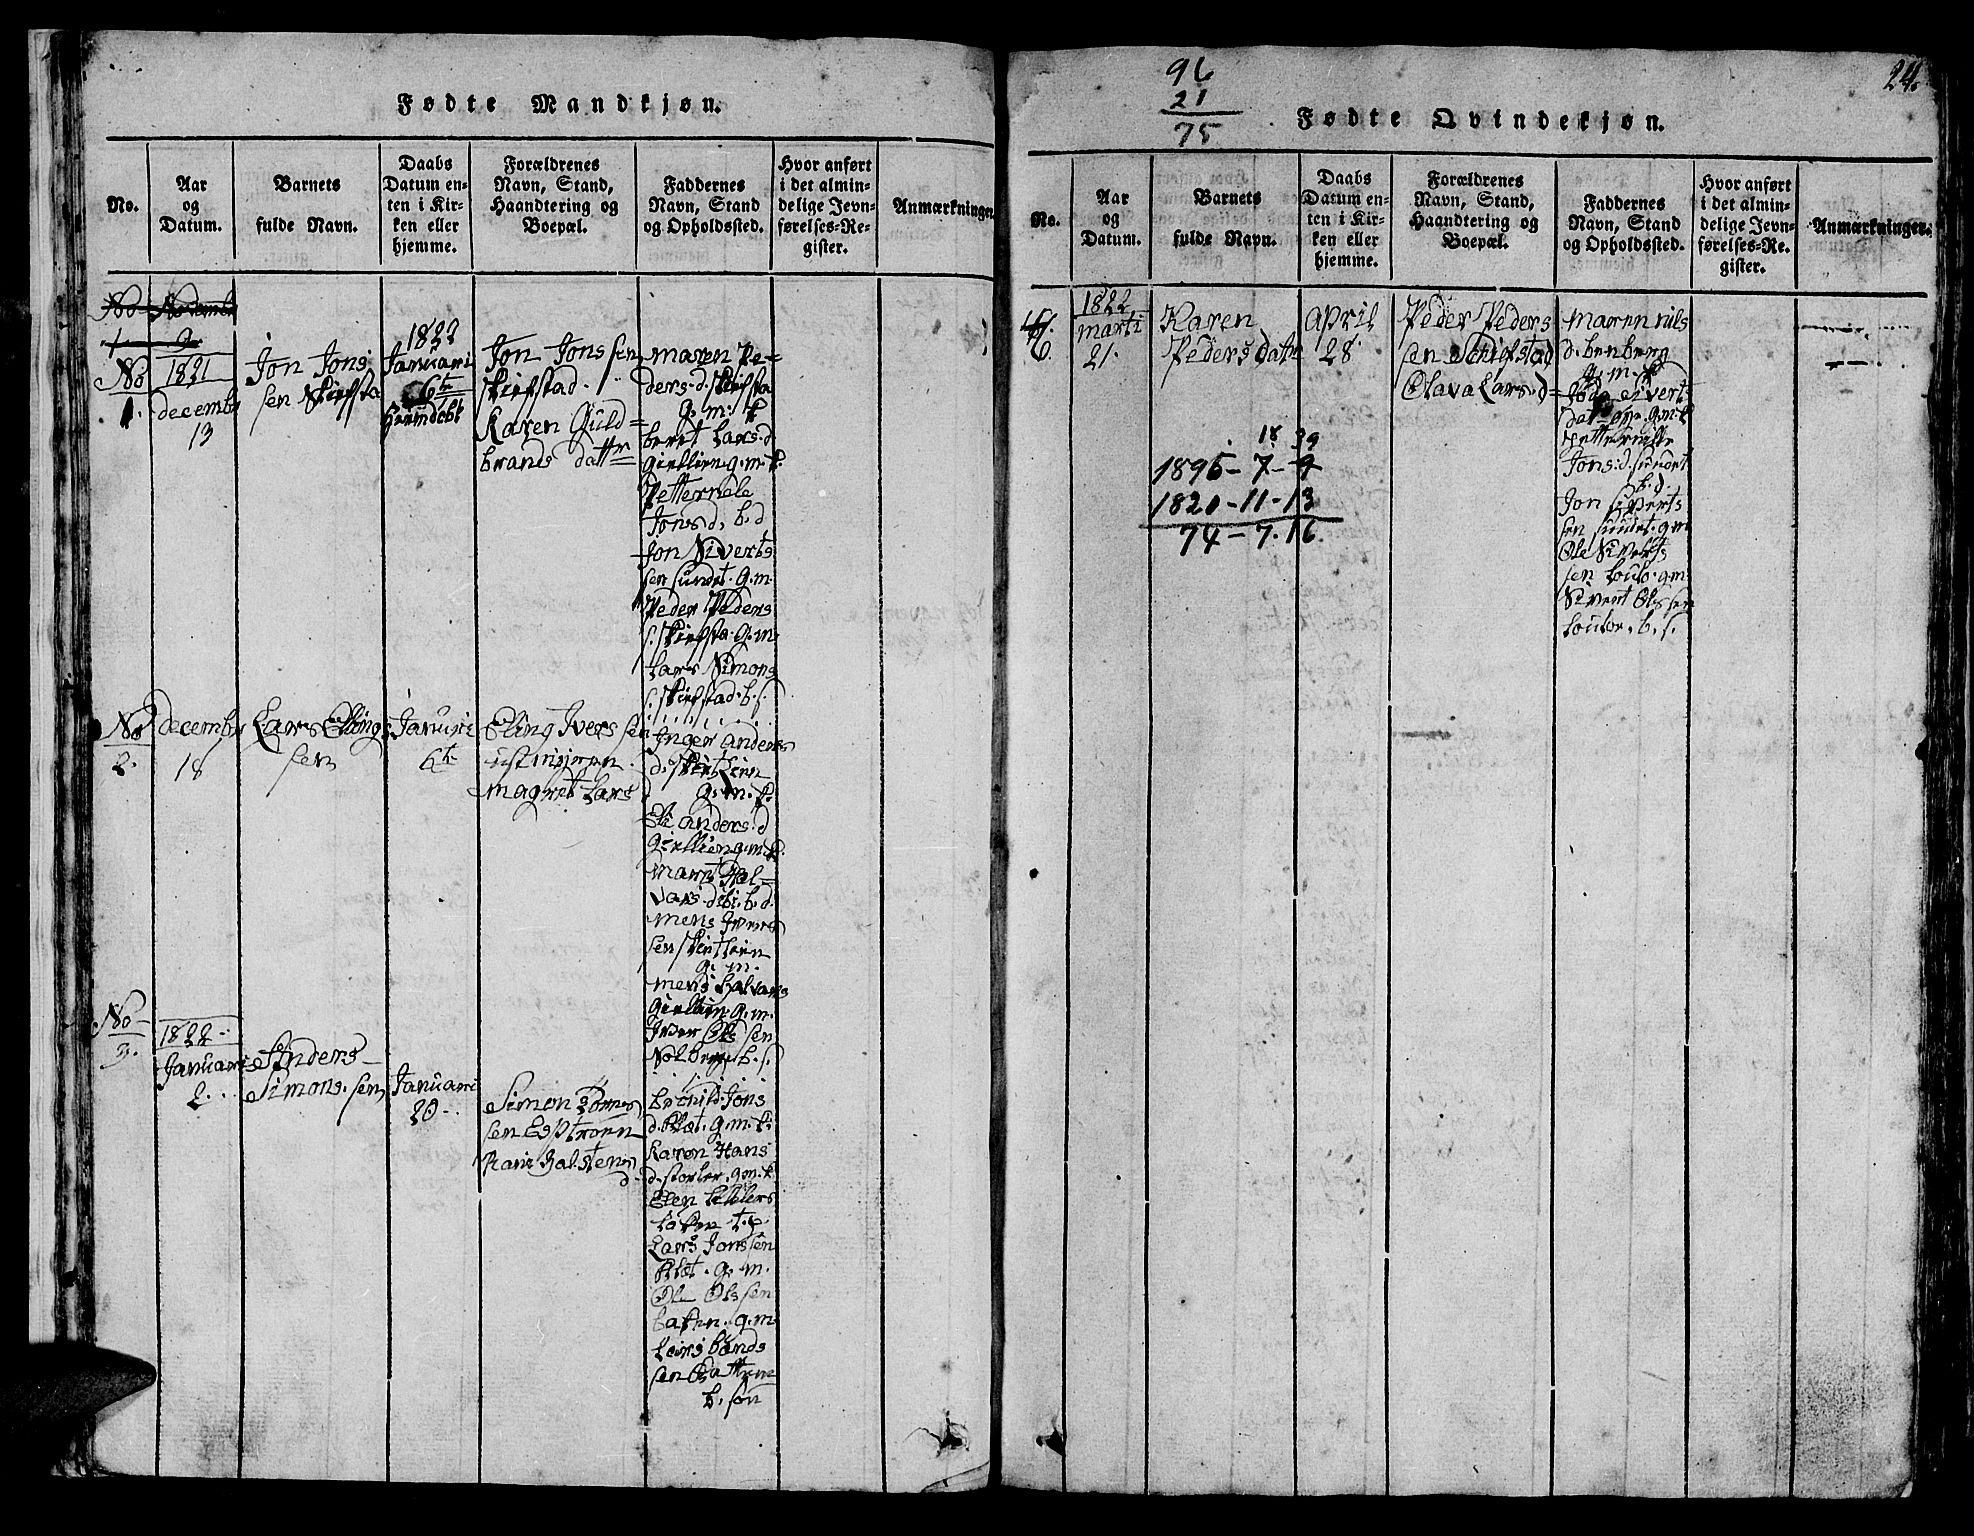 SAT, Ministerialprotokoller, klokkerbøker og fødselsregistre - Sør-Trøndelag, 613/L0393: Klokkerbok nr. 613C01, 1816-1886, s. 24